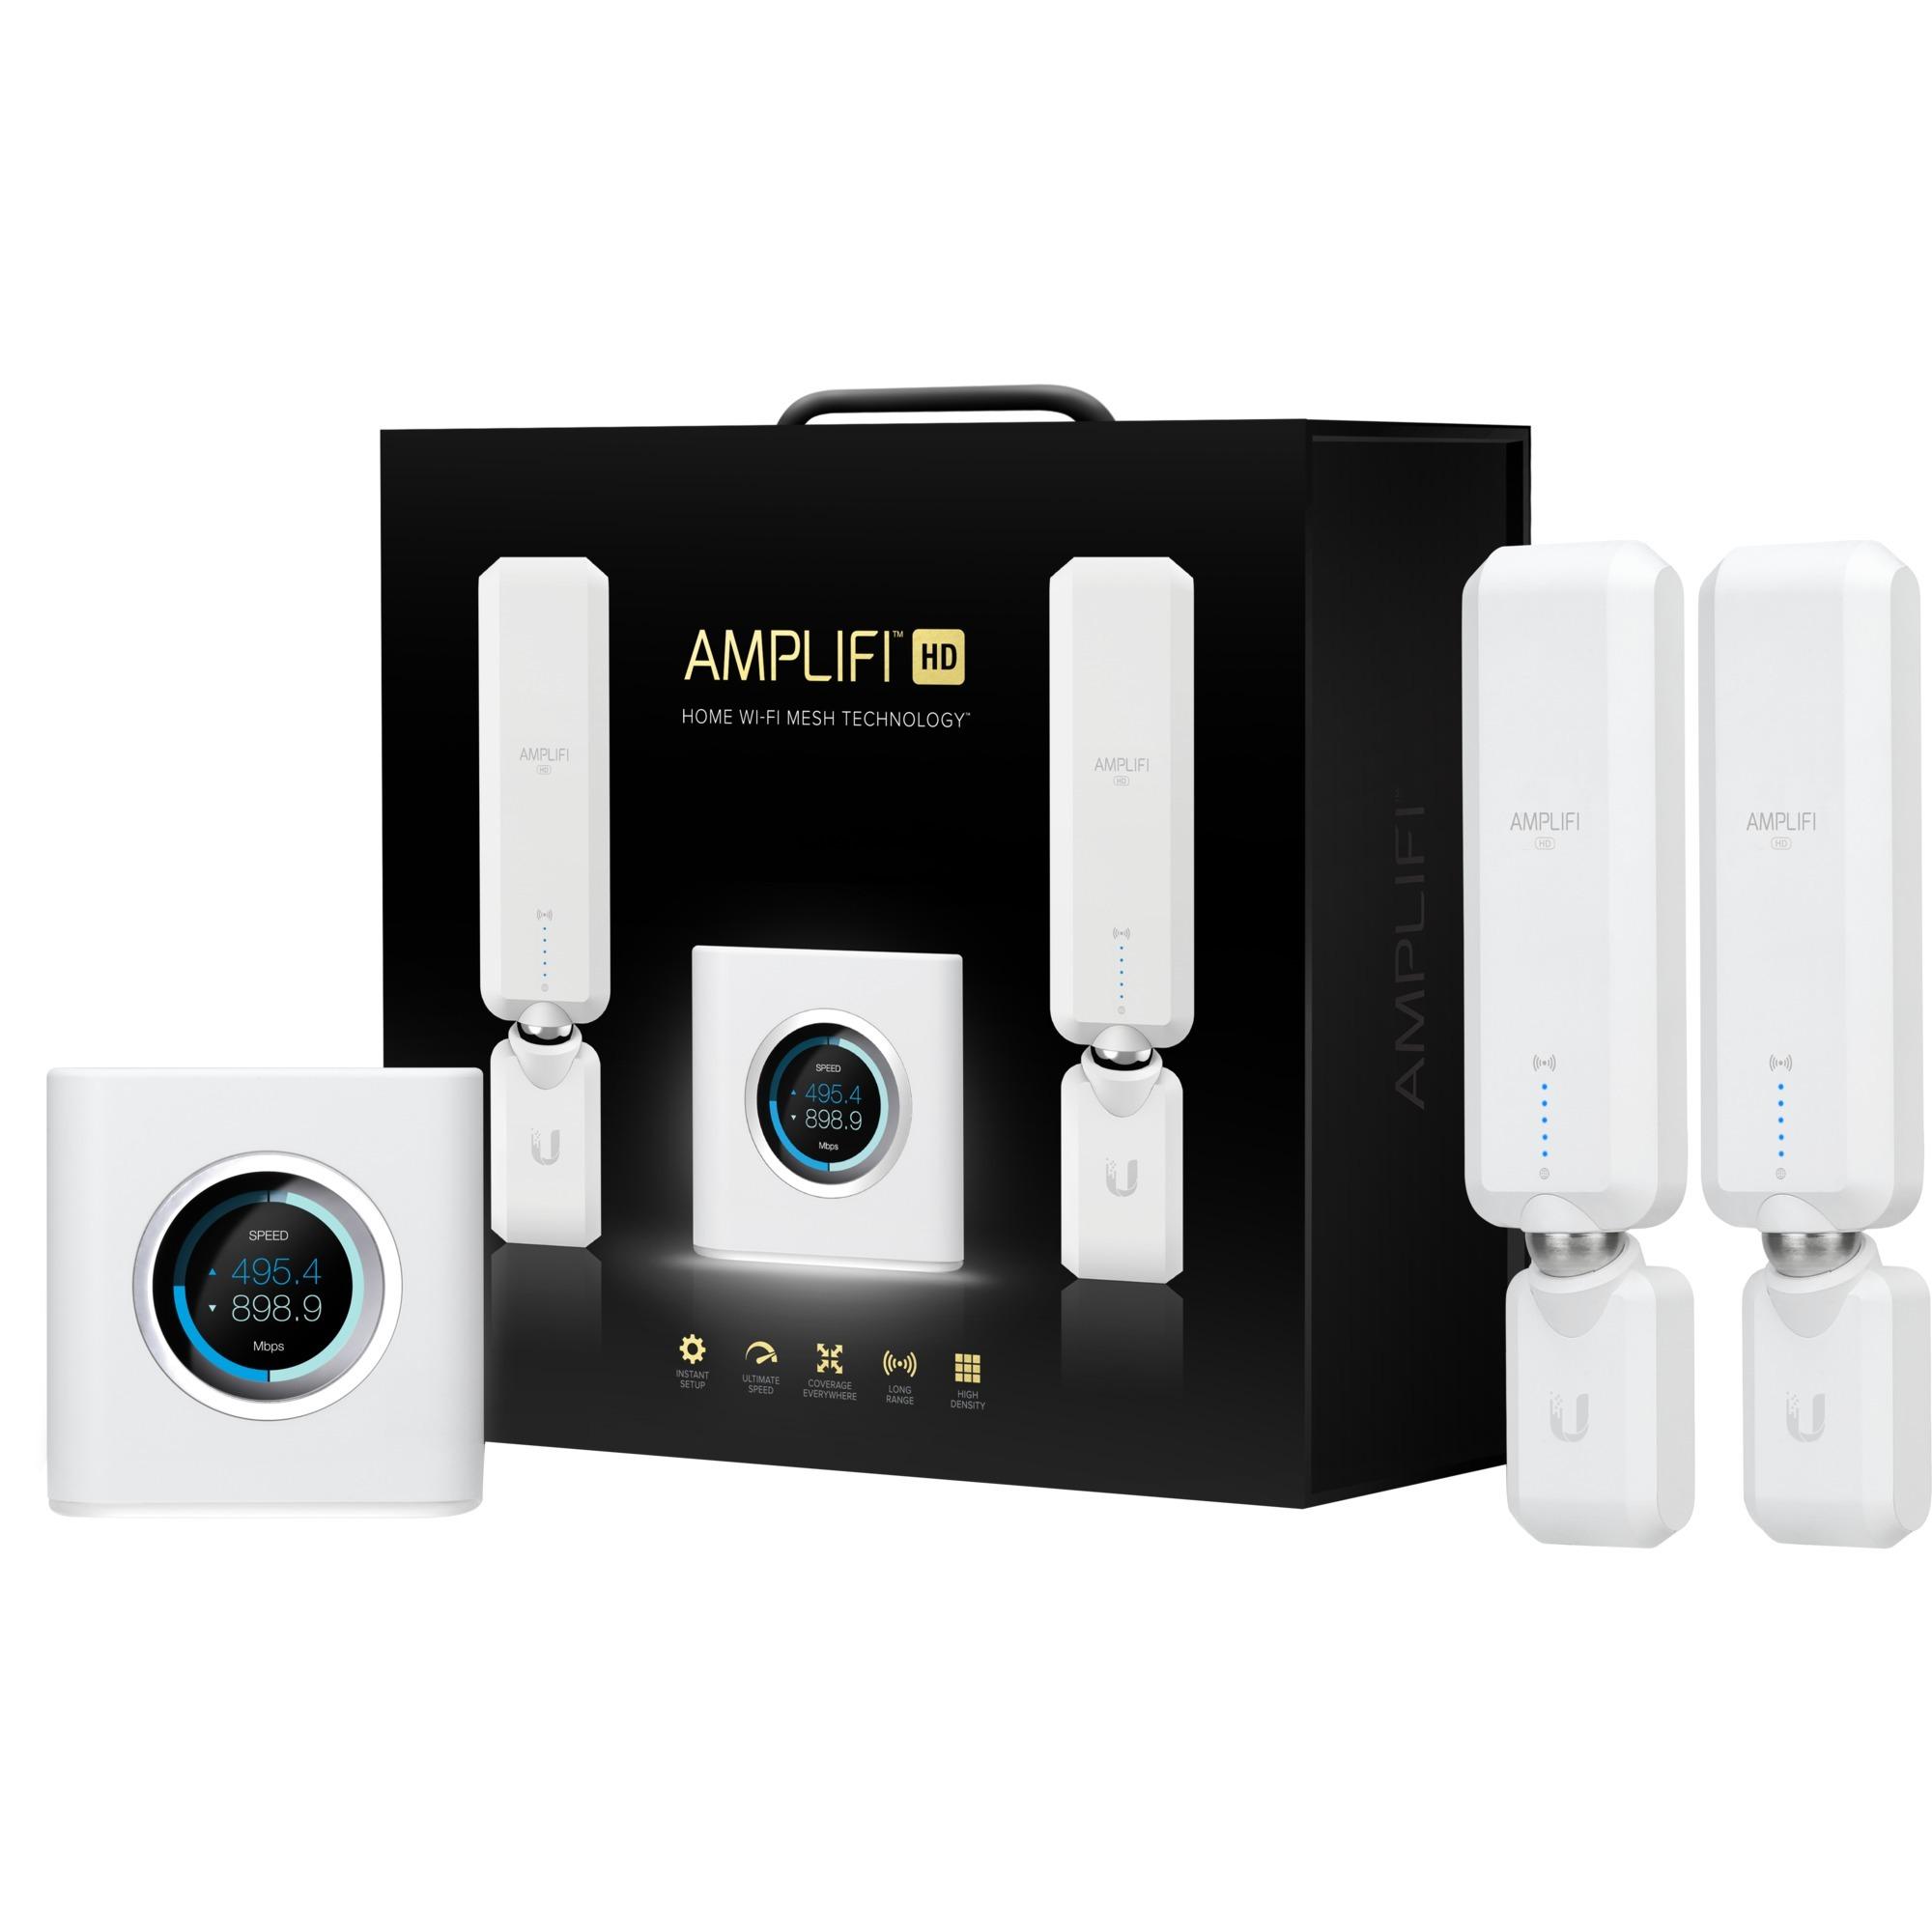 AmpliFi HD Système WiFi, Routeur de maille